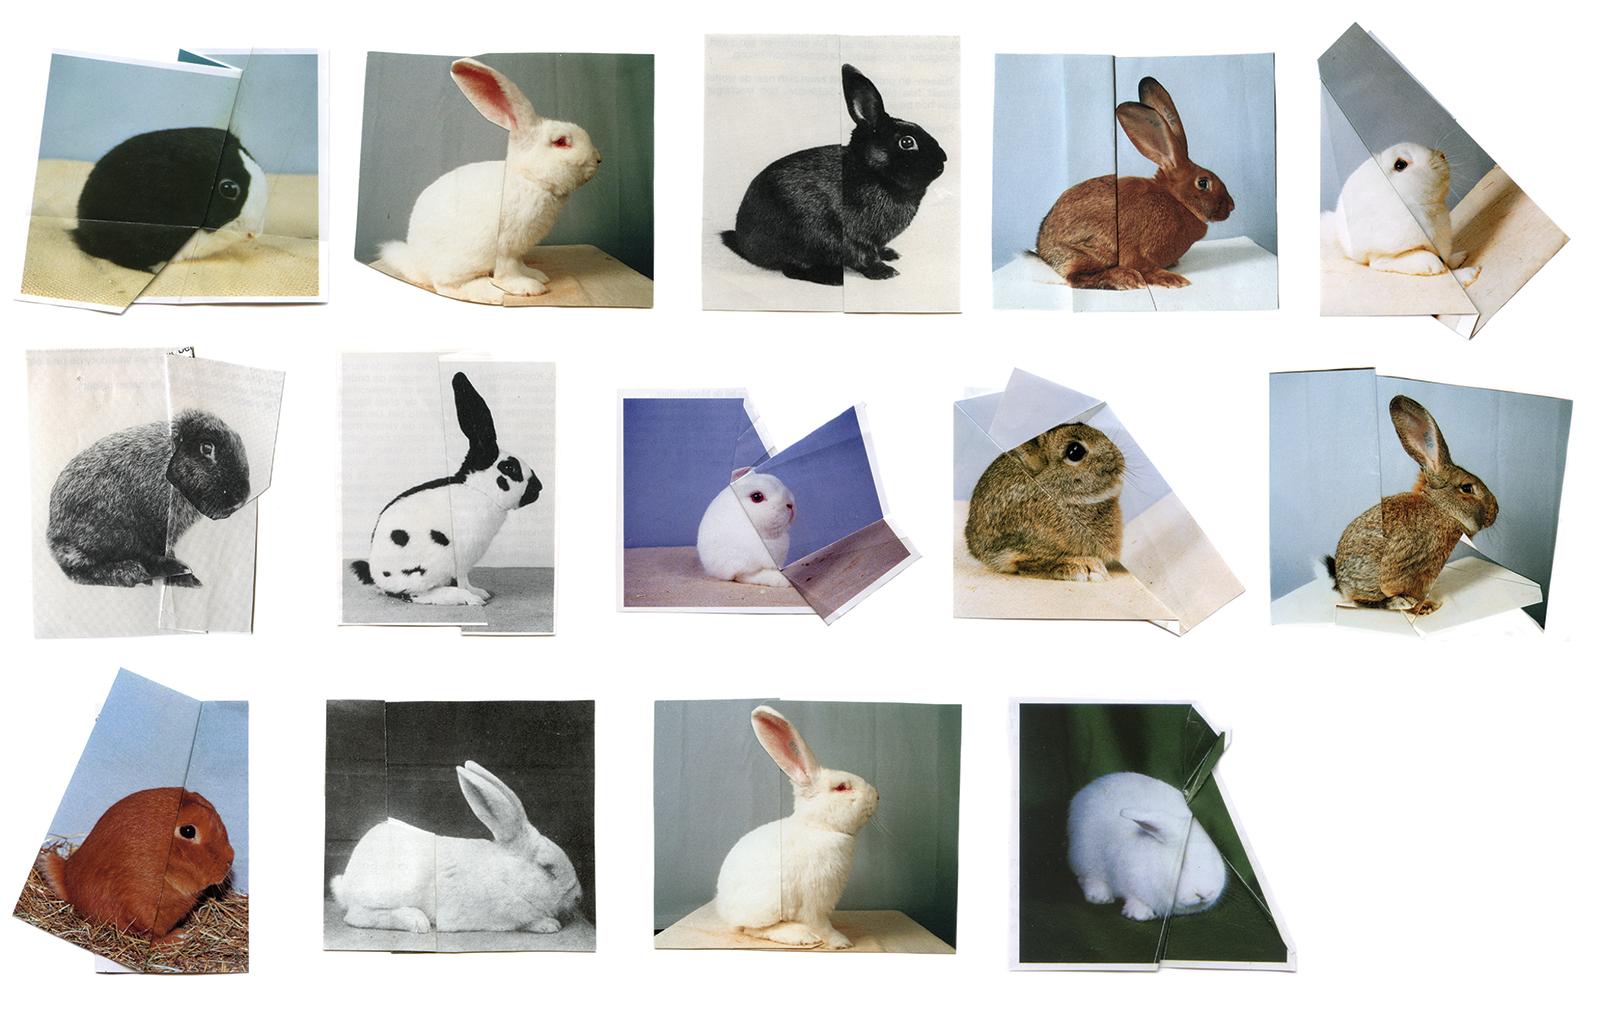 Konijnen (Bunnies); artwork by Ruth van Beek